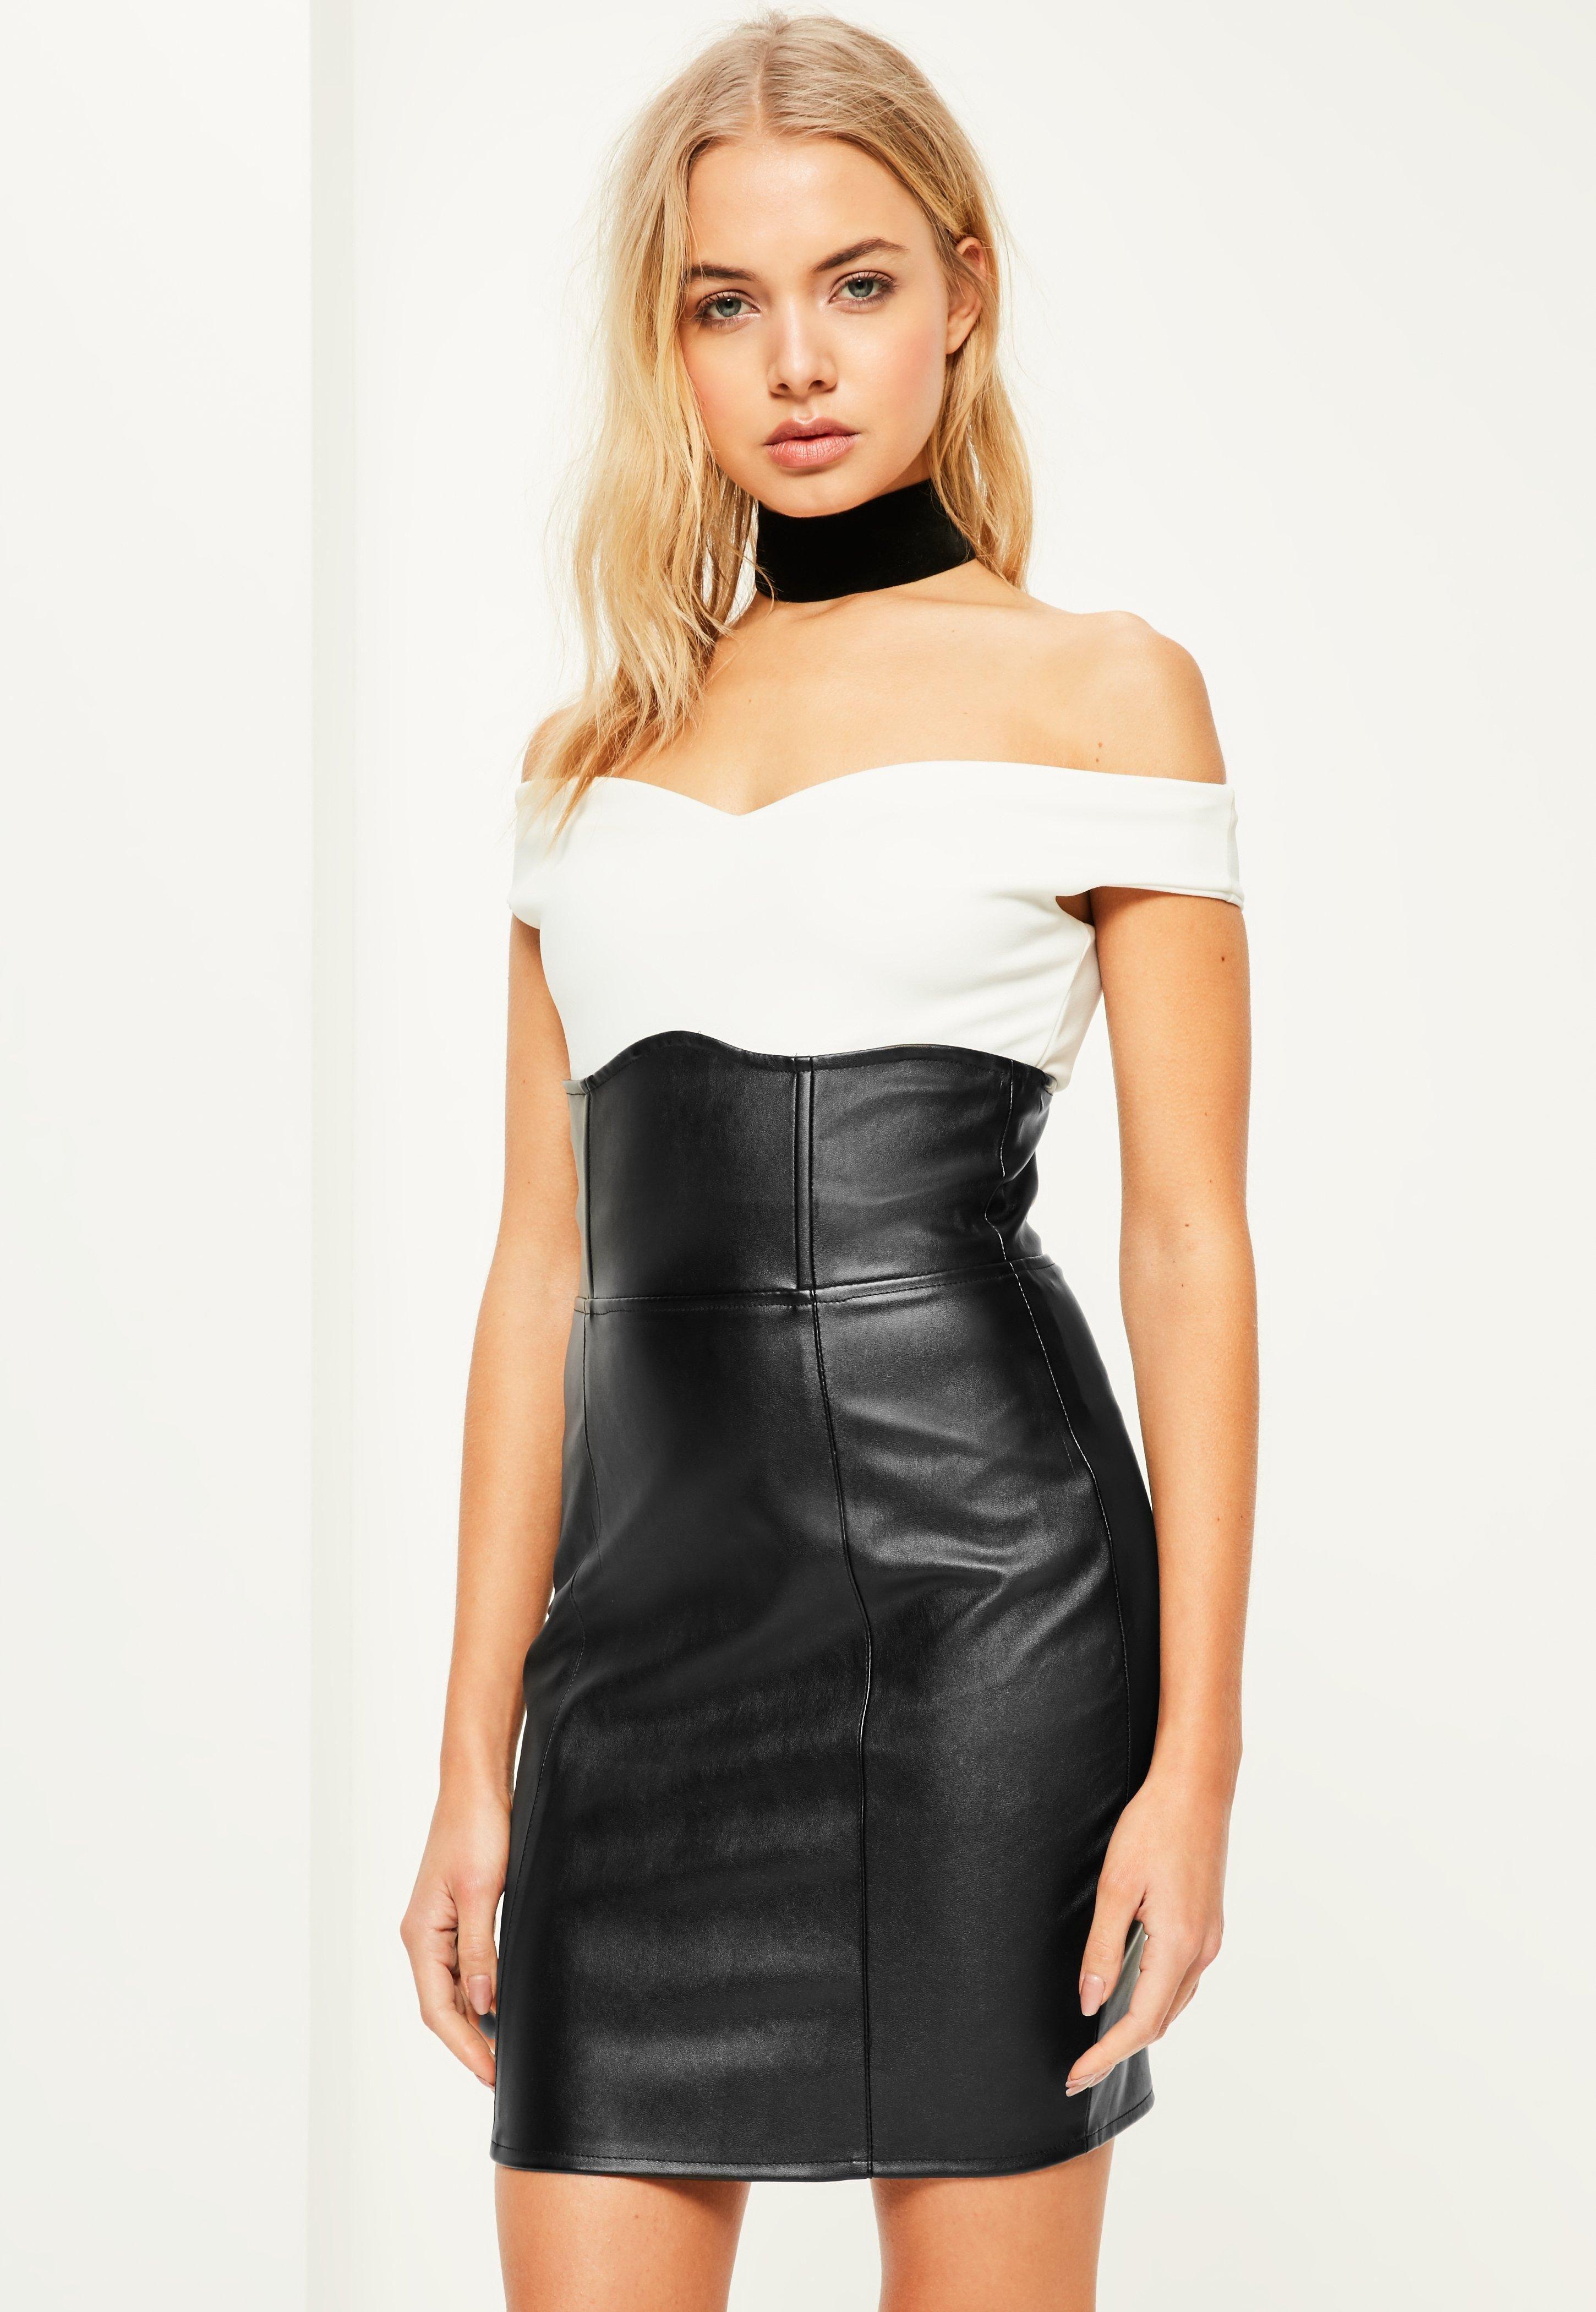 Missguided - Black Faux Leather Super High Waisted Mini Skirt ... 8e68fb4e3